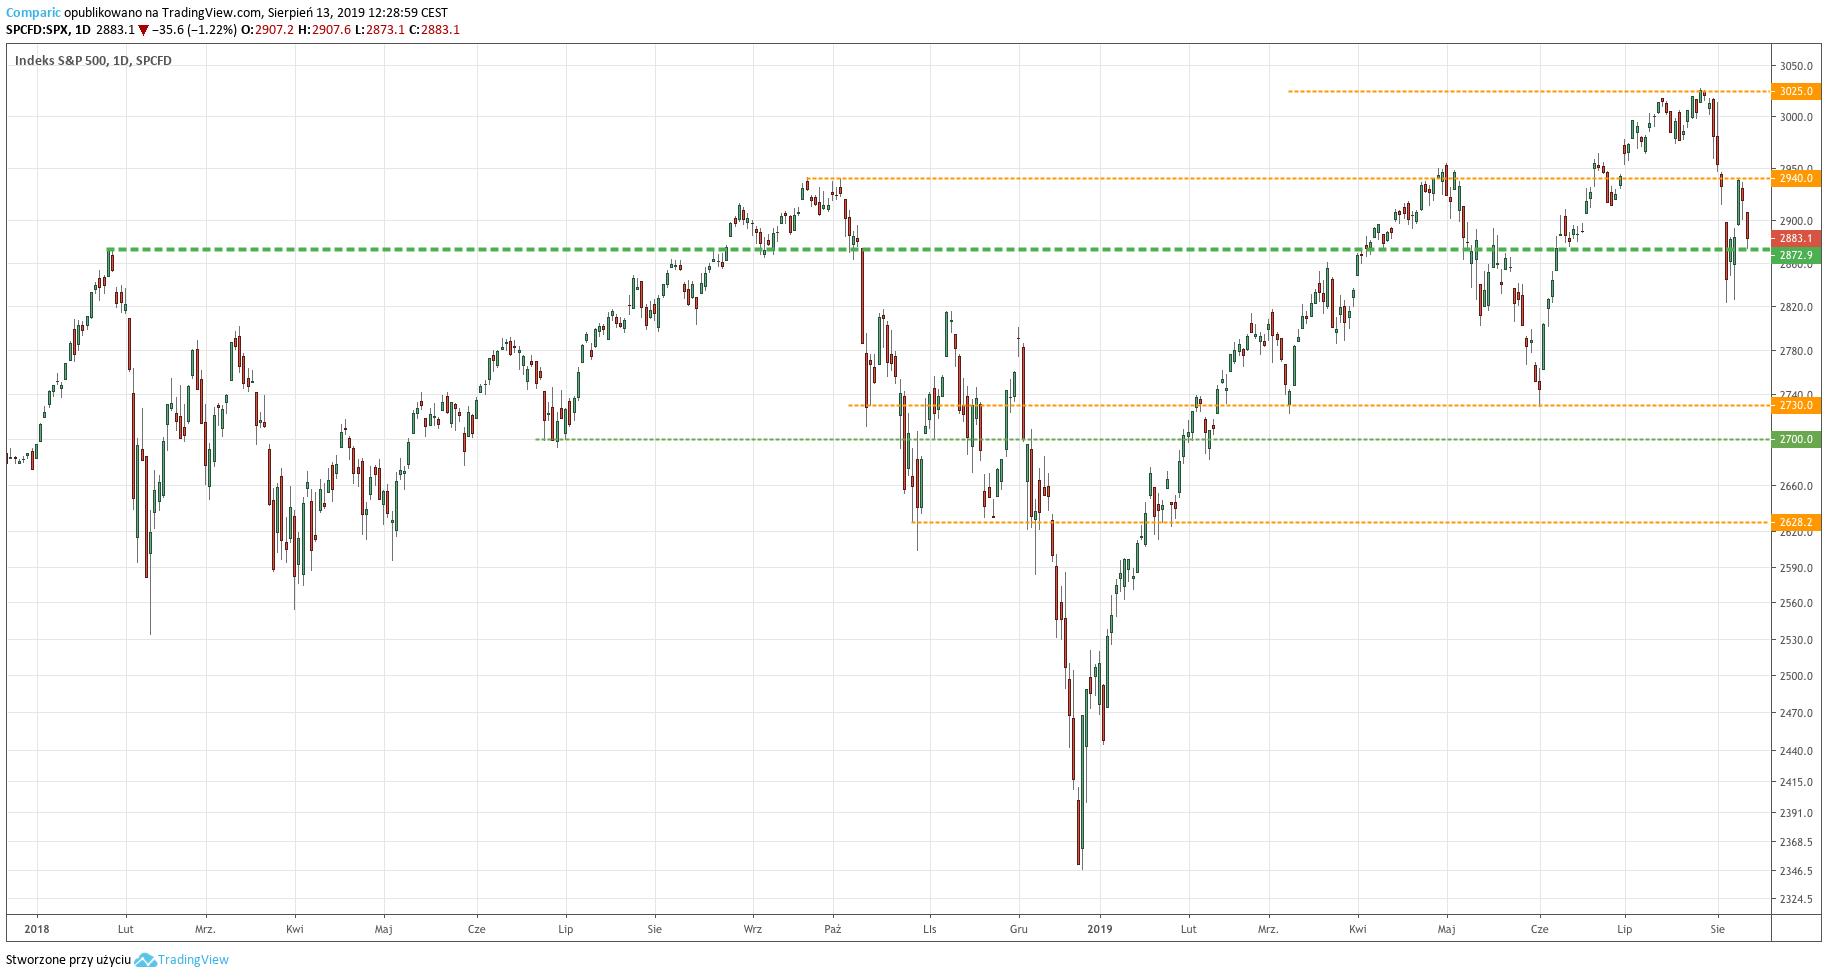 Kurs indeksu S&P 500 - wykres dzienny - 13 sierpnia 2019